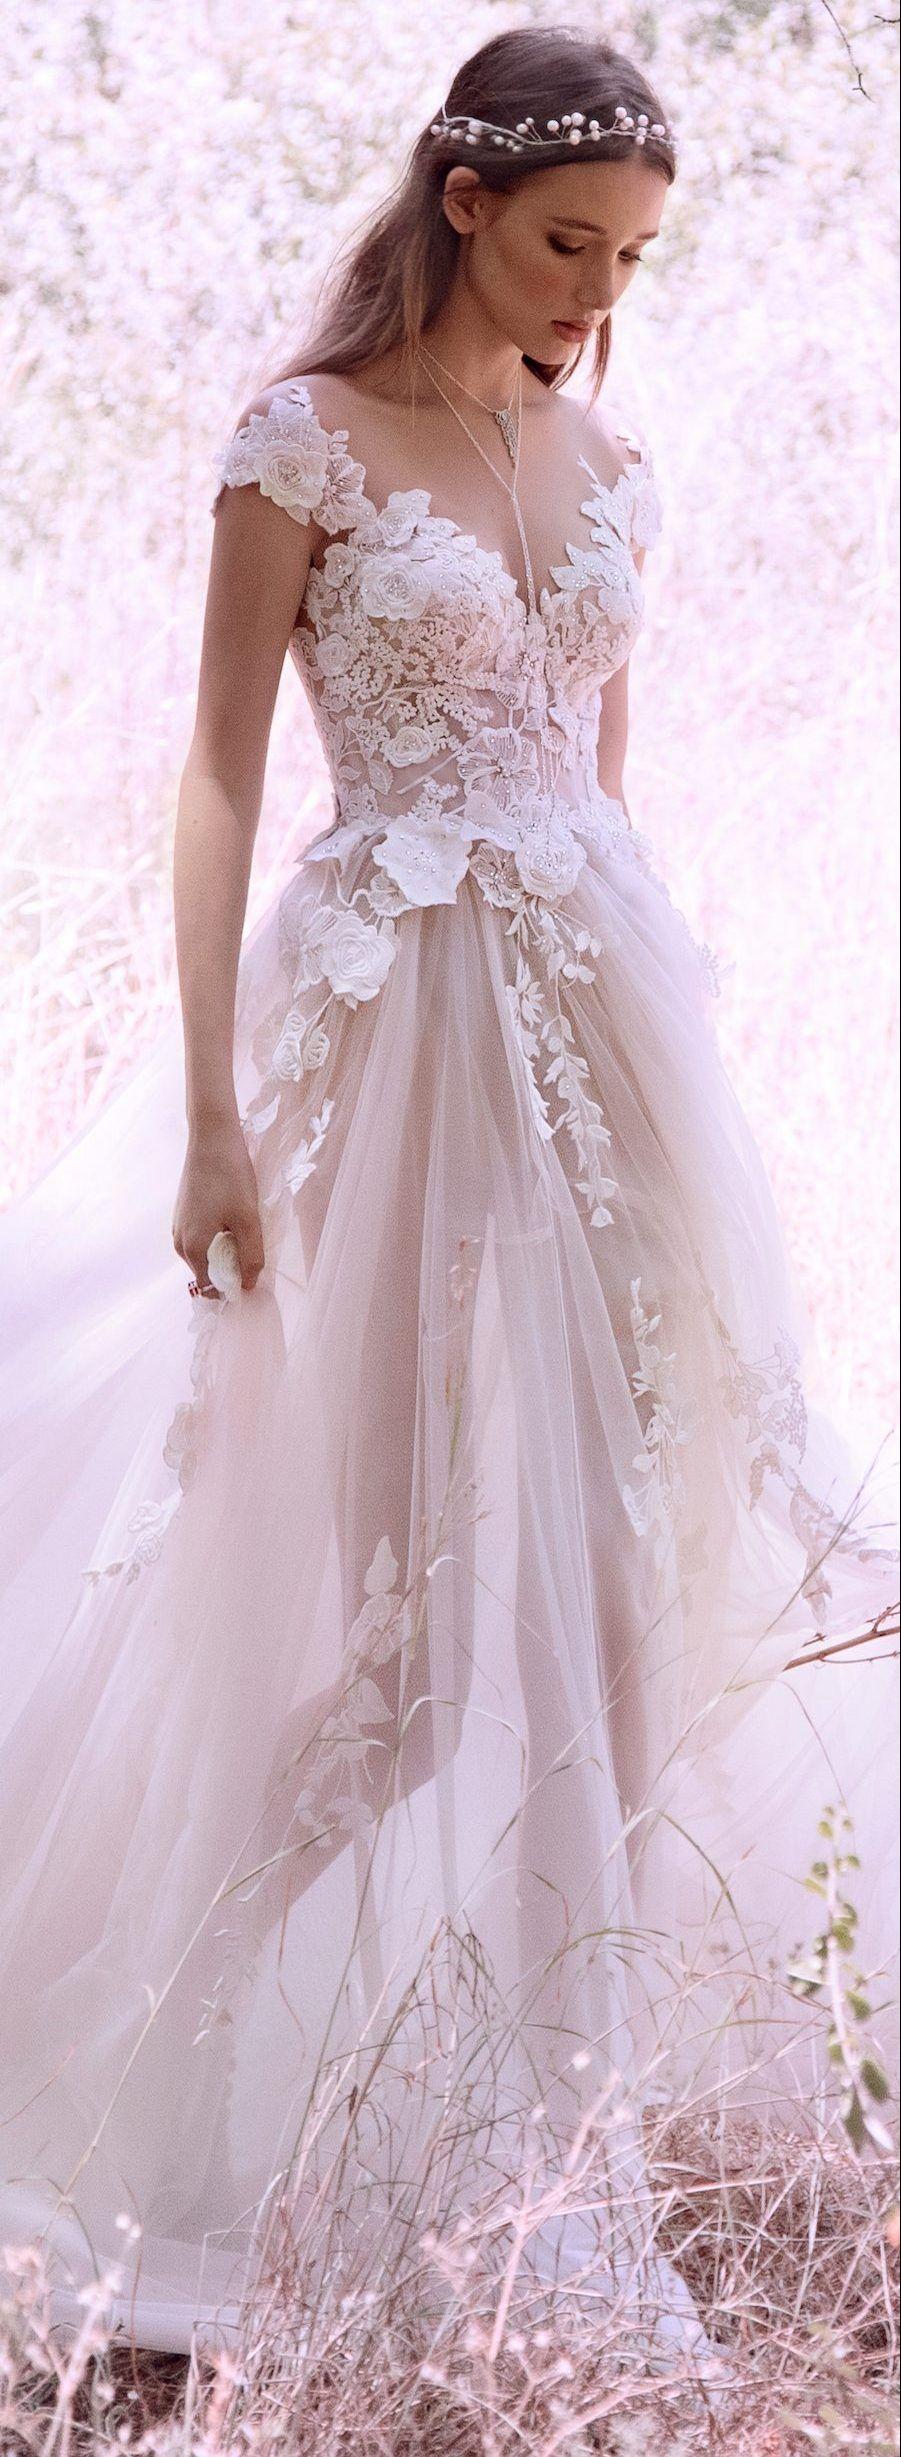 Gala collection no iv by galia lahav wedding dresses galia lahav